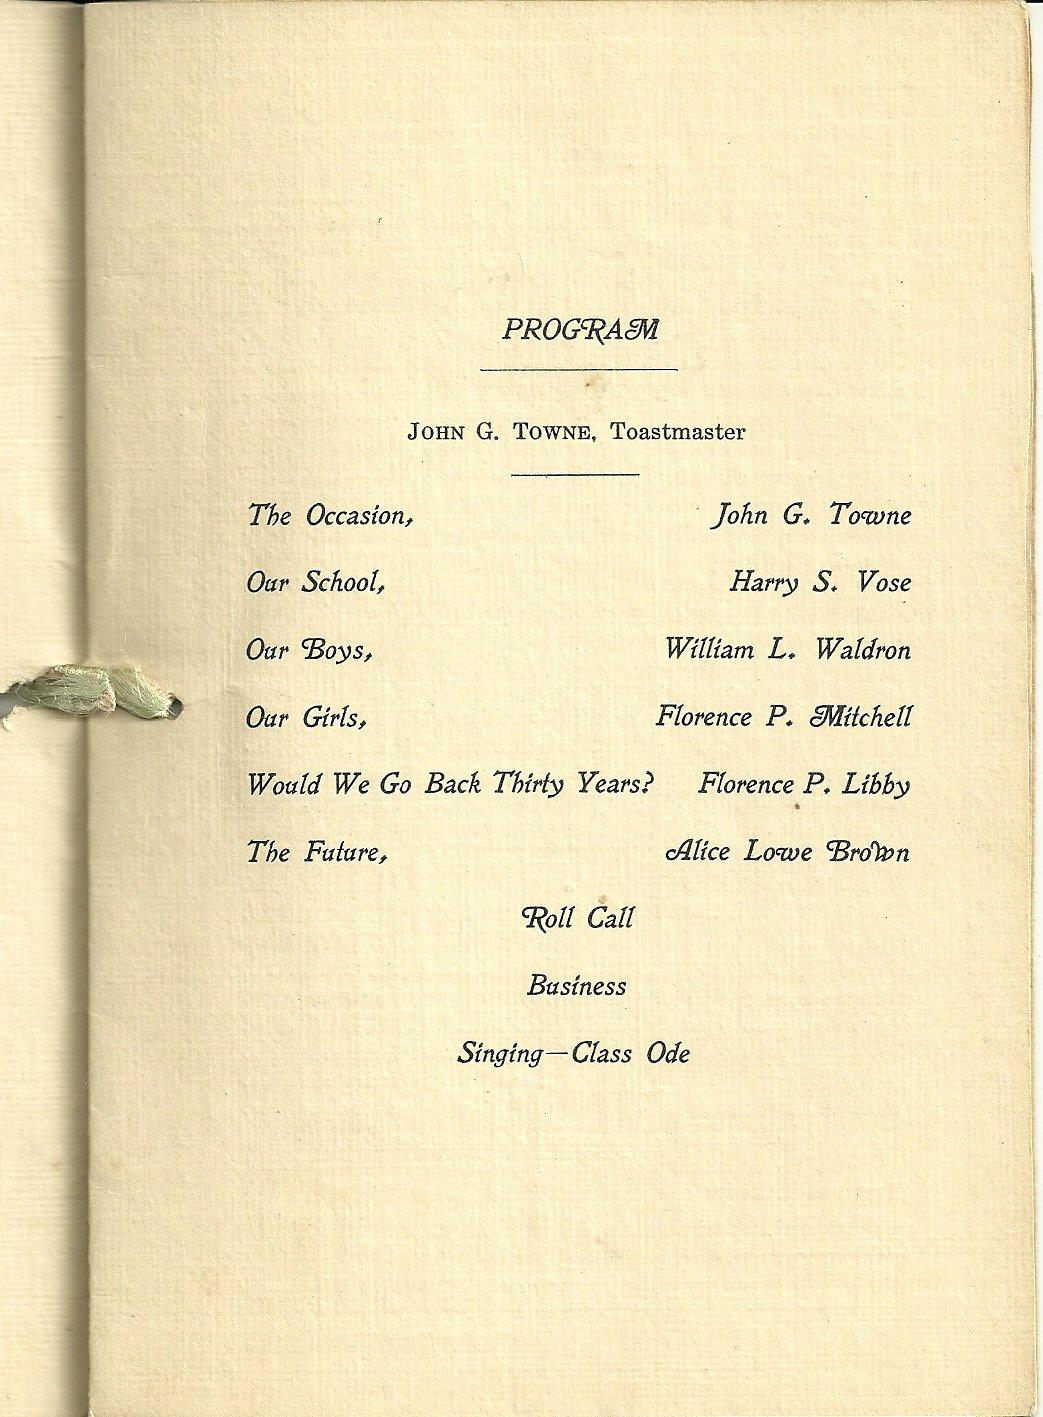 Family Reunion Program Template Lovely Heirlooms Reunited 1924 Reunion Program Bklt Of Class Of